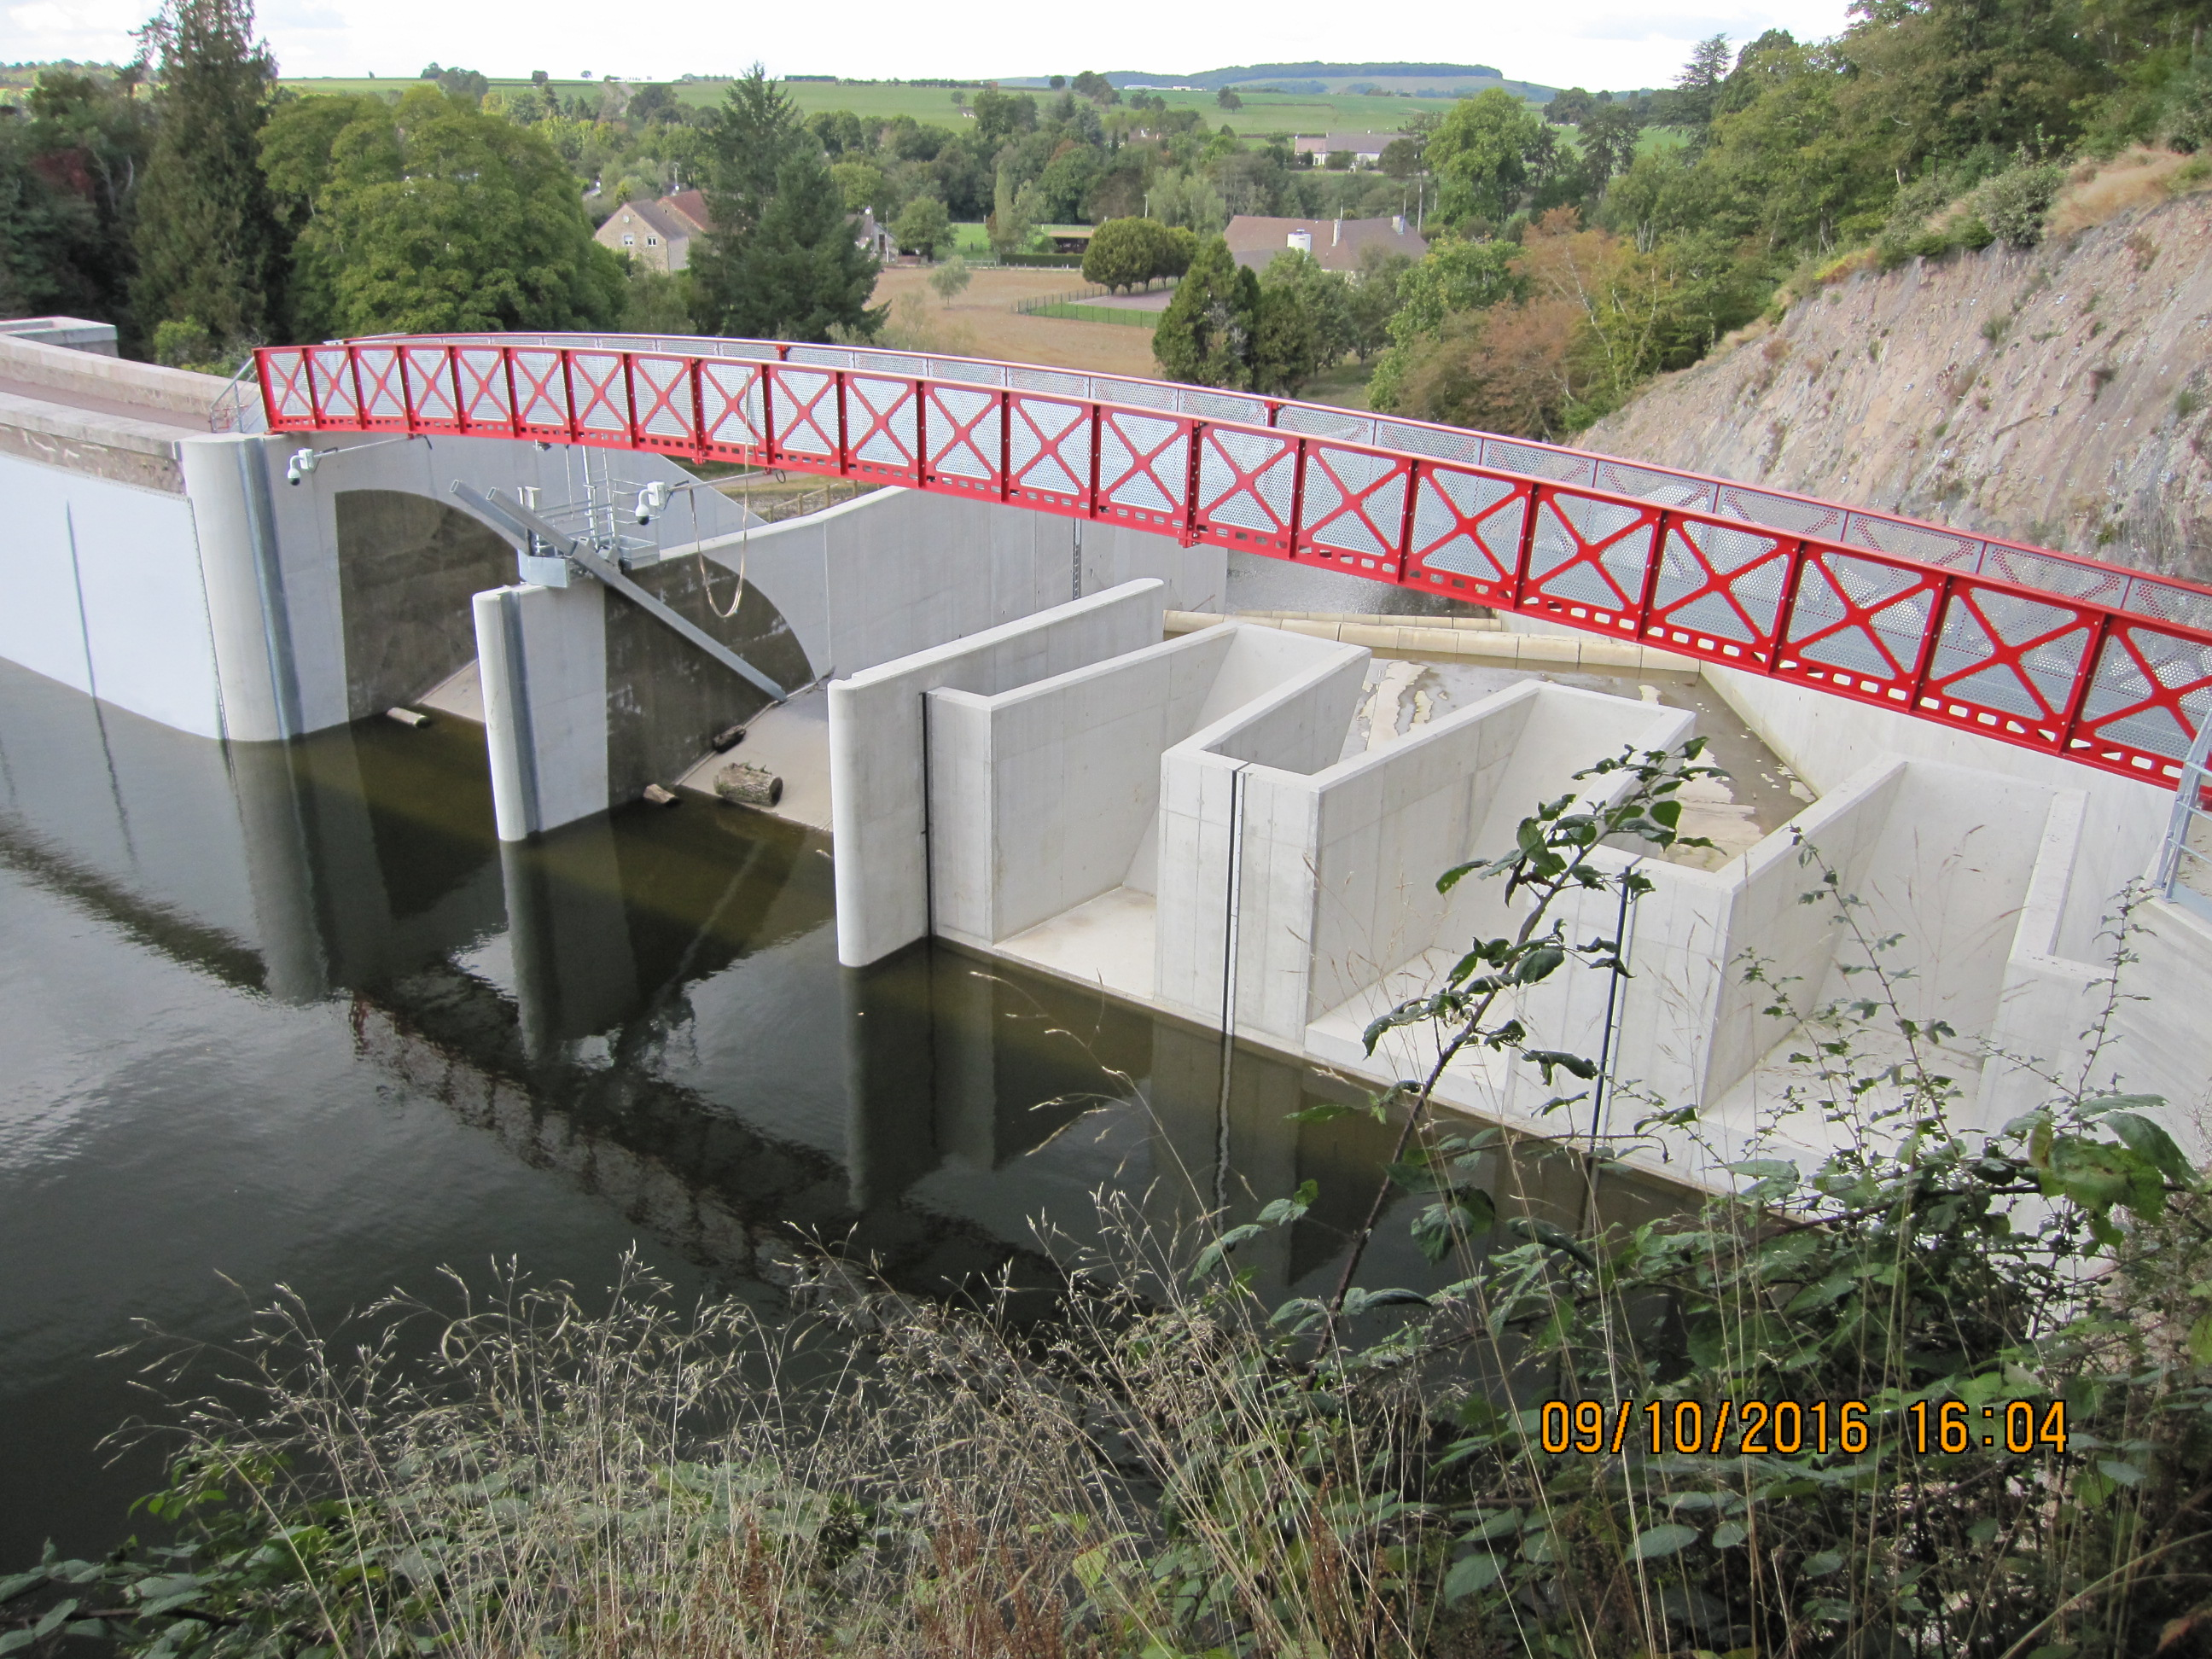 Le Lac De Pont Et Son Pont Romain Dimanche 09 Octobre